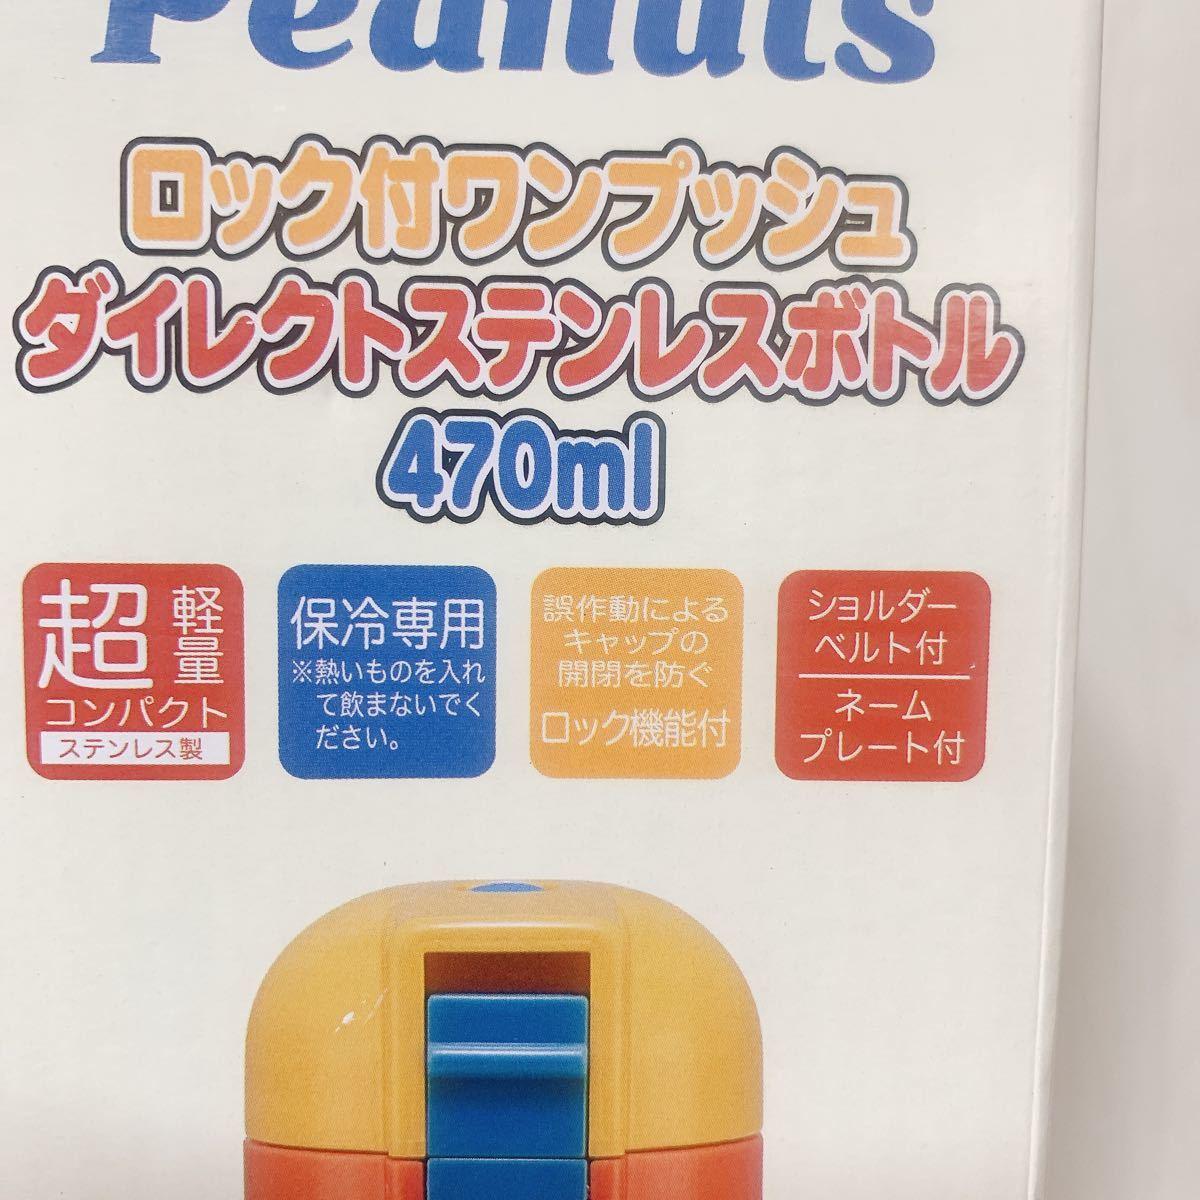 スヌーピー ☆超軽量 470ml  ダイレクトステンレスボトル